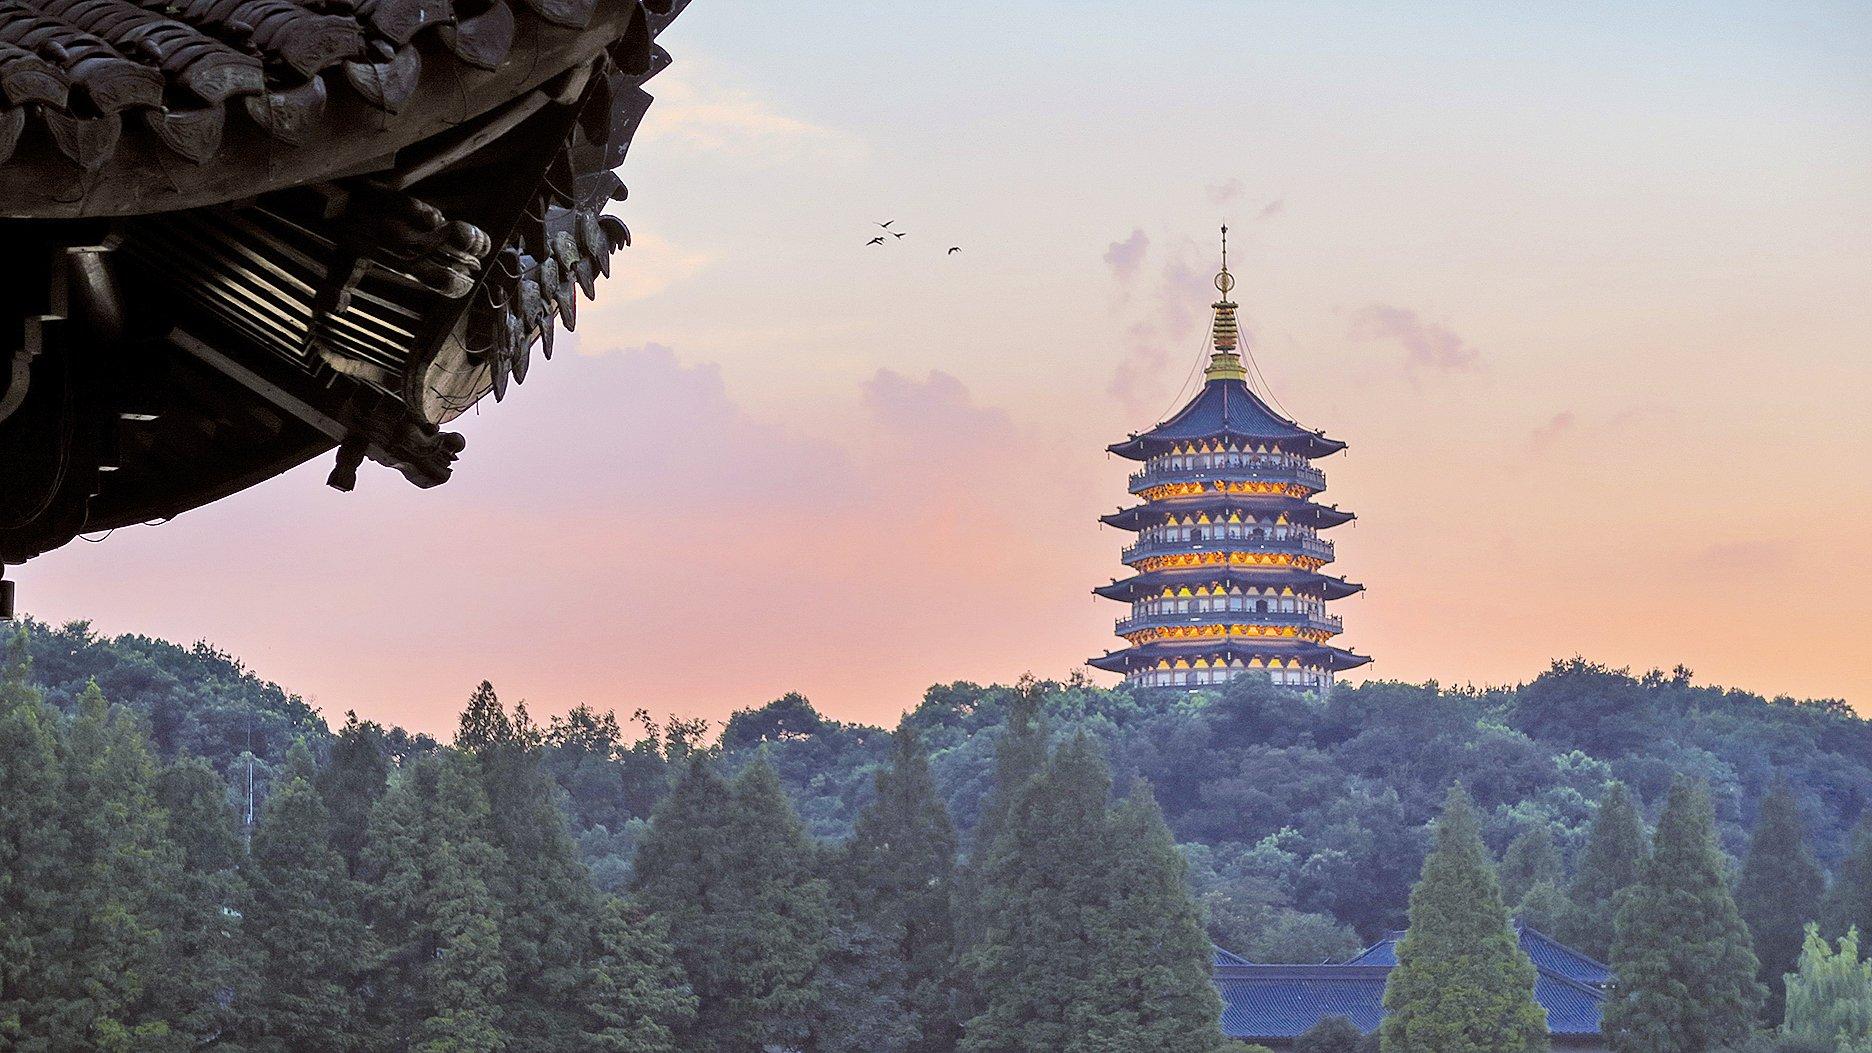 晚霞下的雷峰塔。(Yinweichen /維基百科)